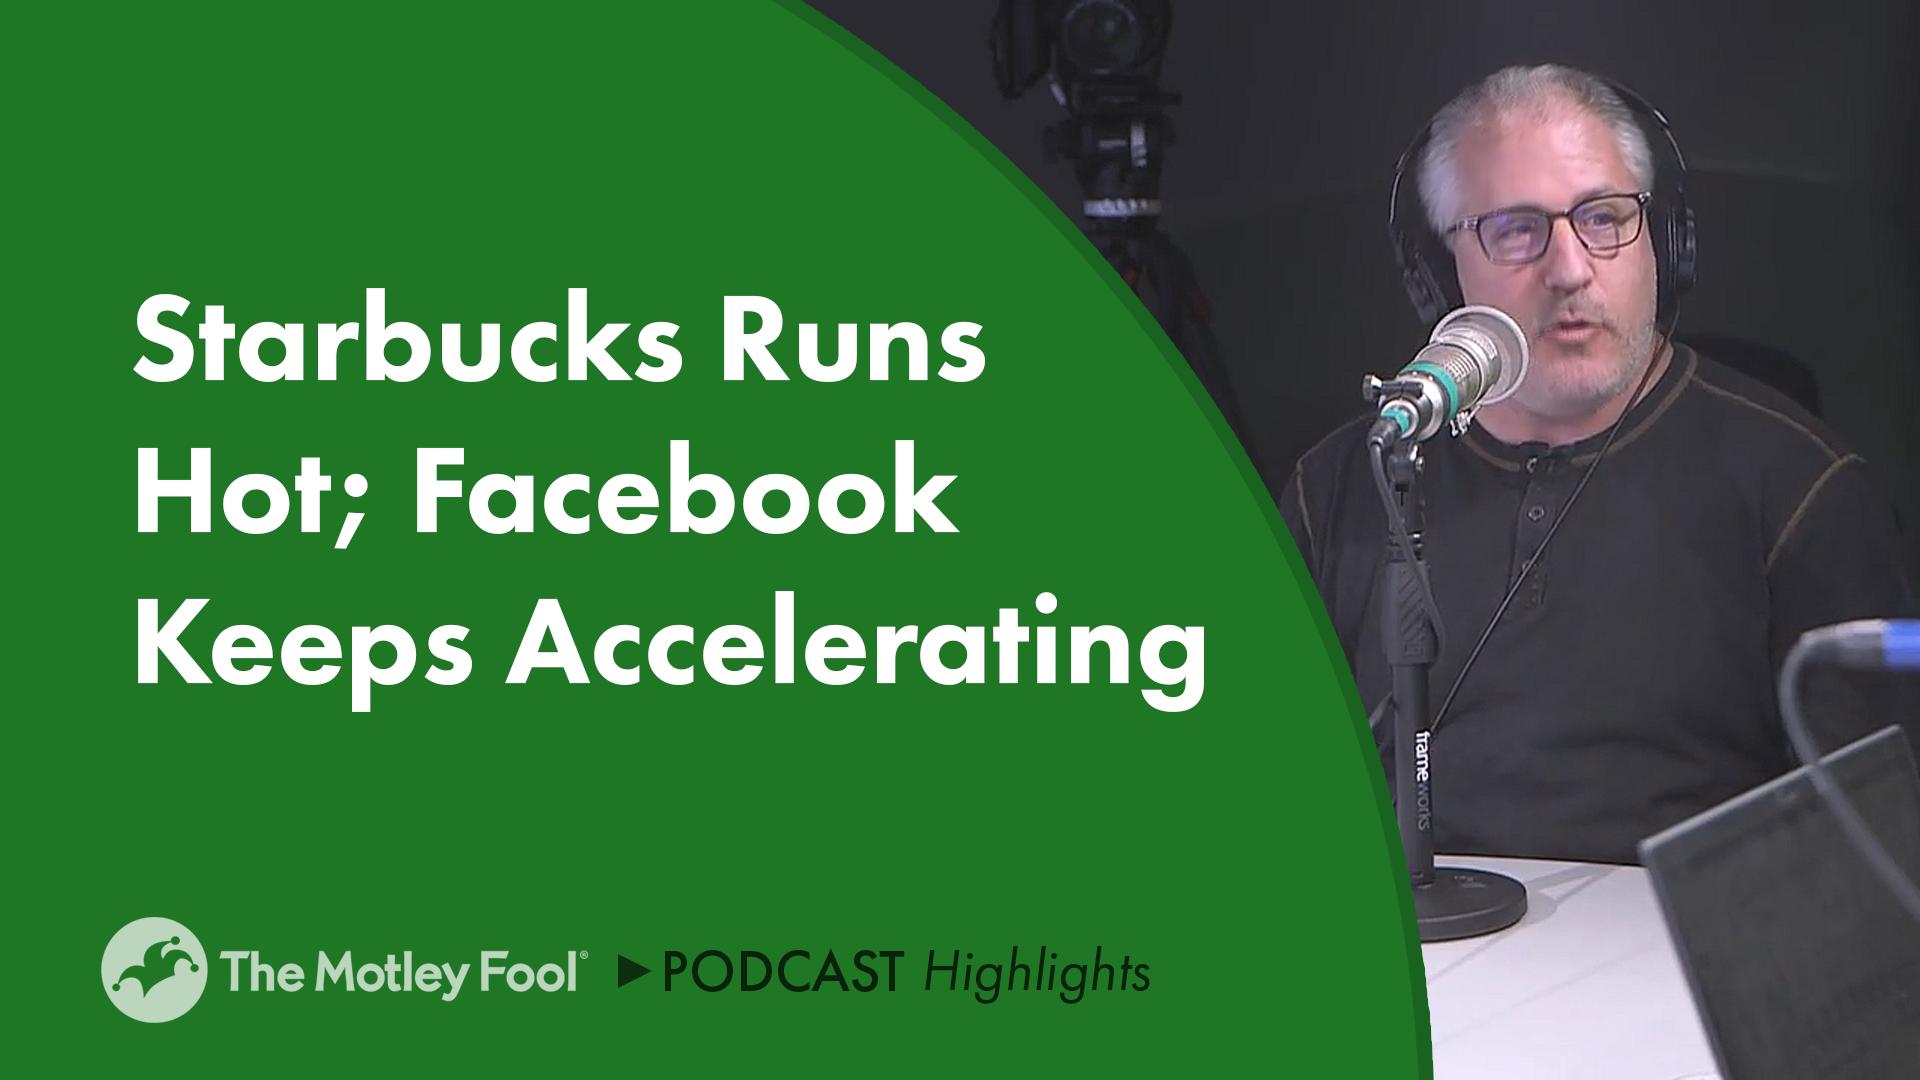 Starbucks Runs Hot; Facebook Keeps Accelerating